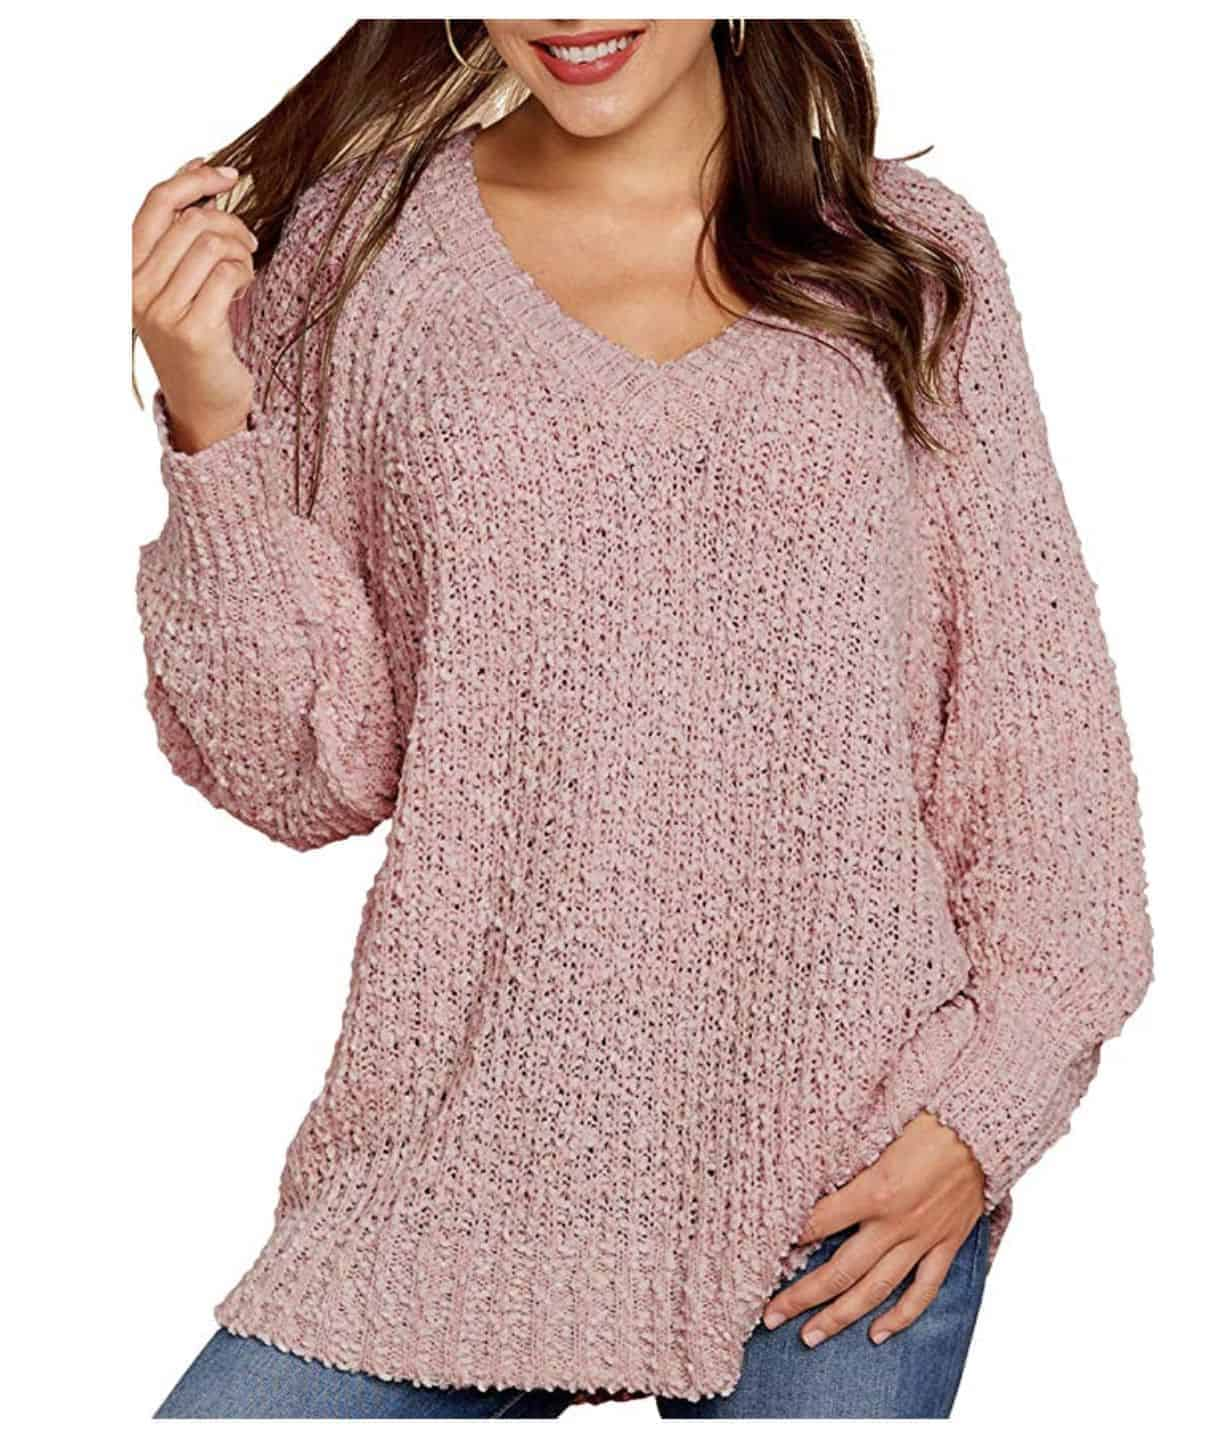 Fuzzy Popcorn Sweater